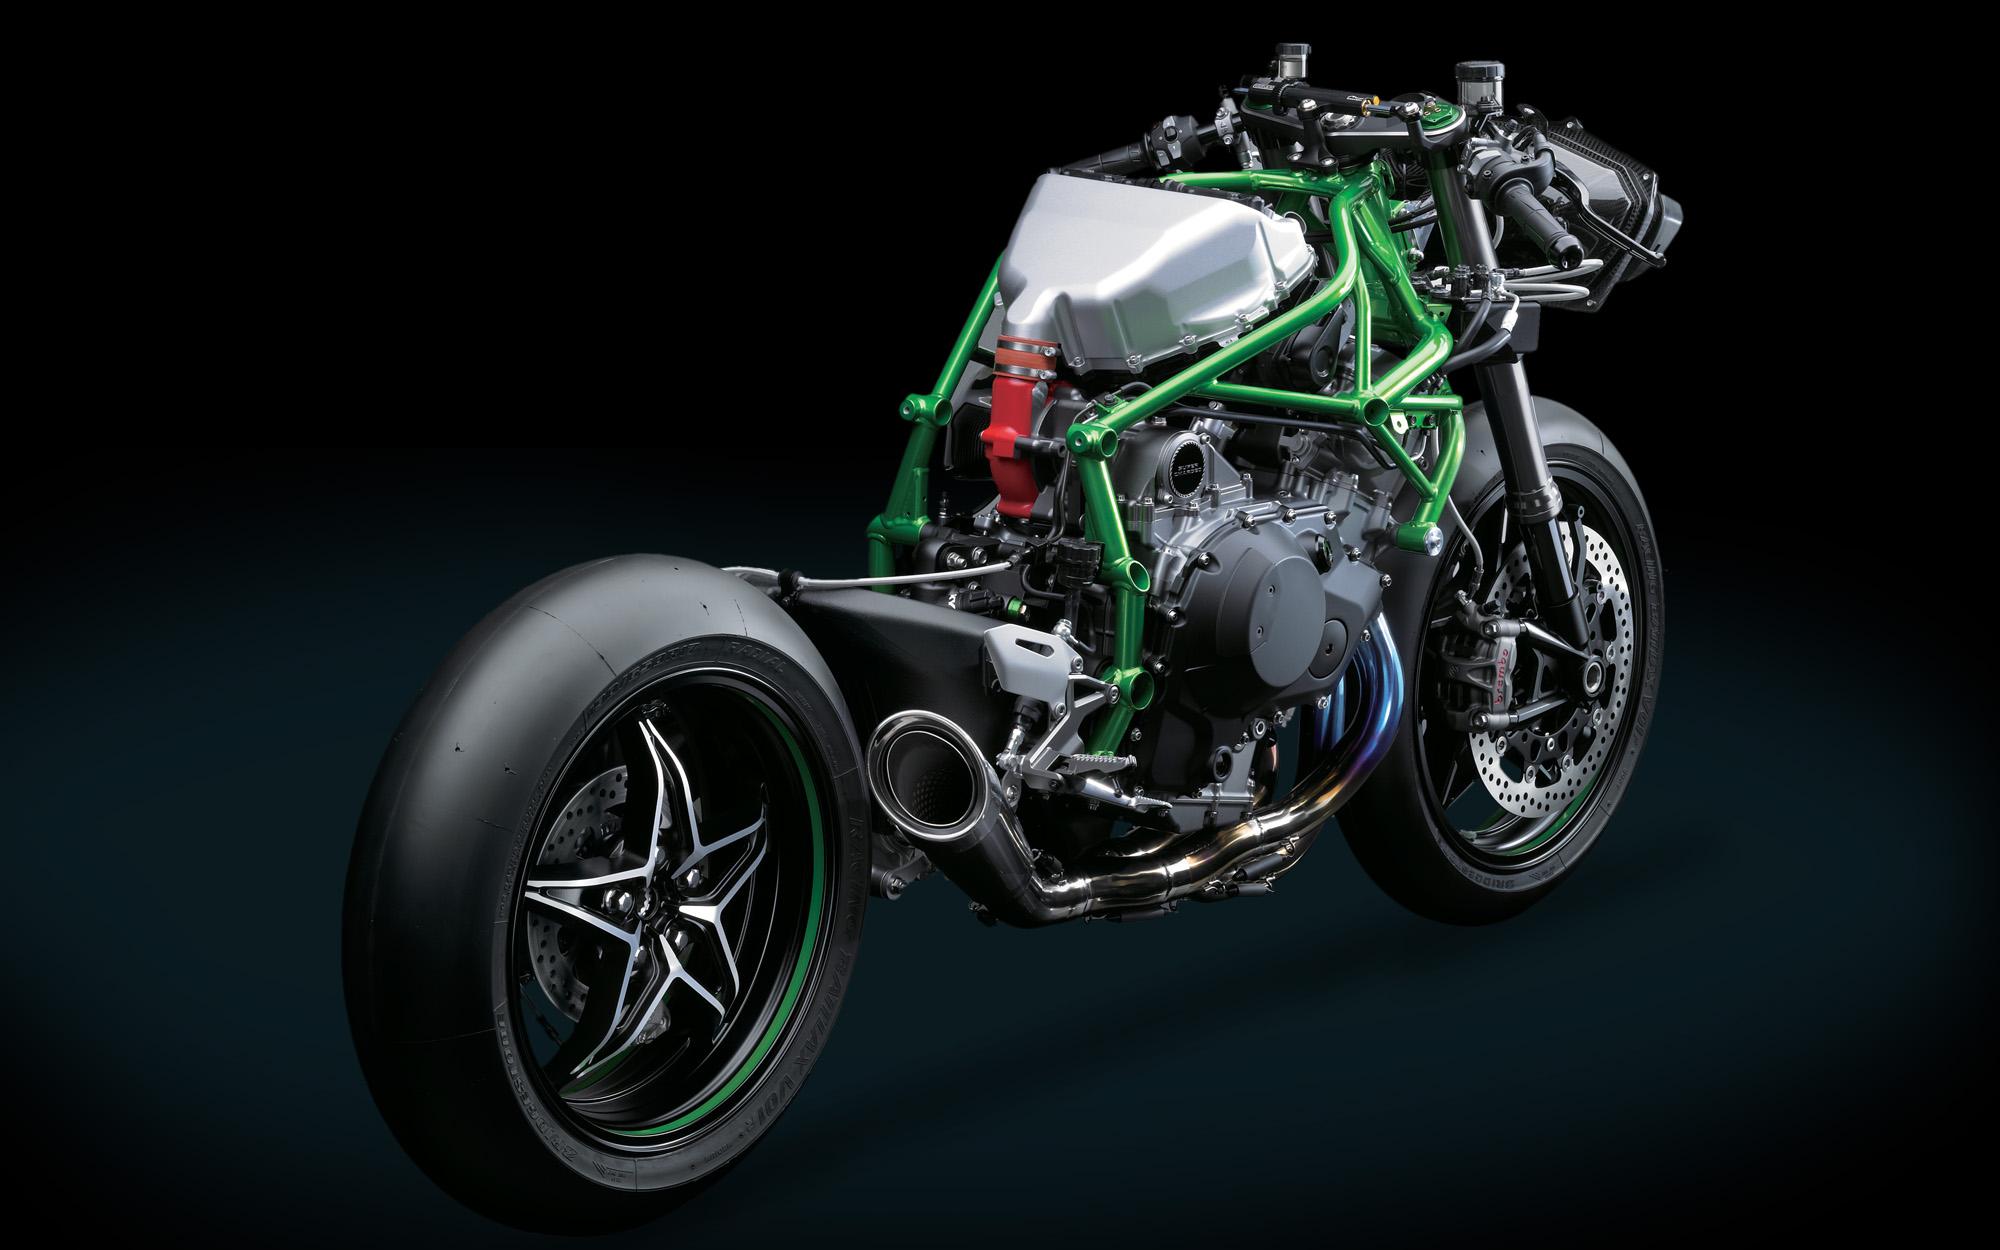 Omg Leaked Hi Res Photos Of The Kawasaki Ninja H2r